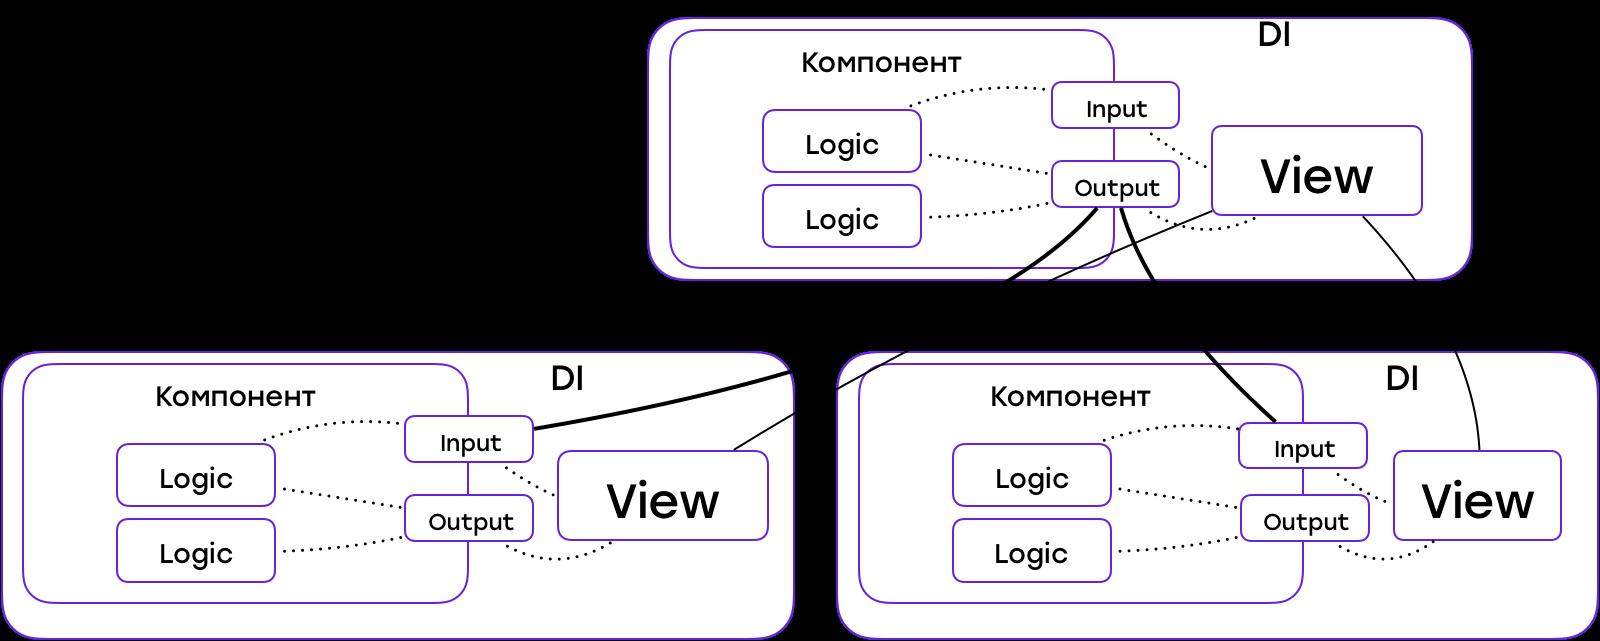 От копипасты к компонентам: переиспользуем код в разных приложениях - 13